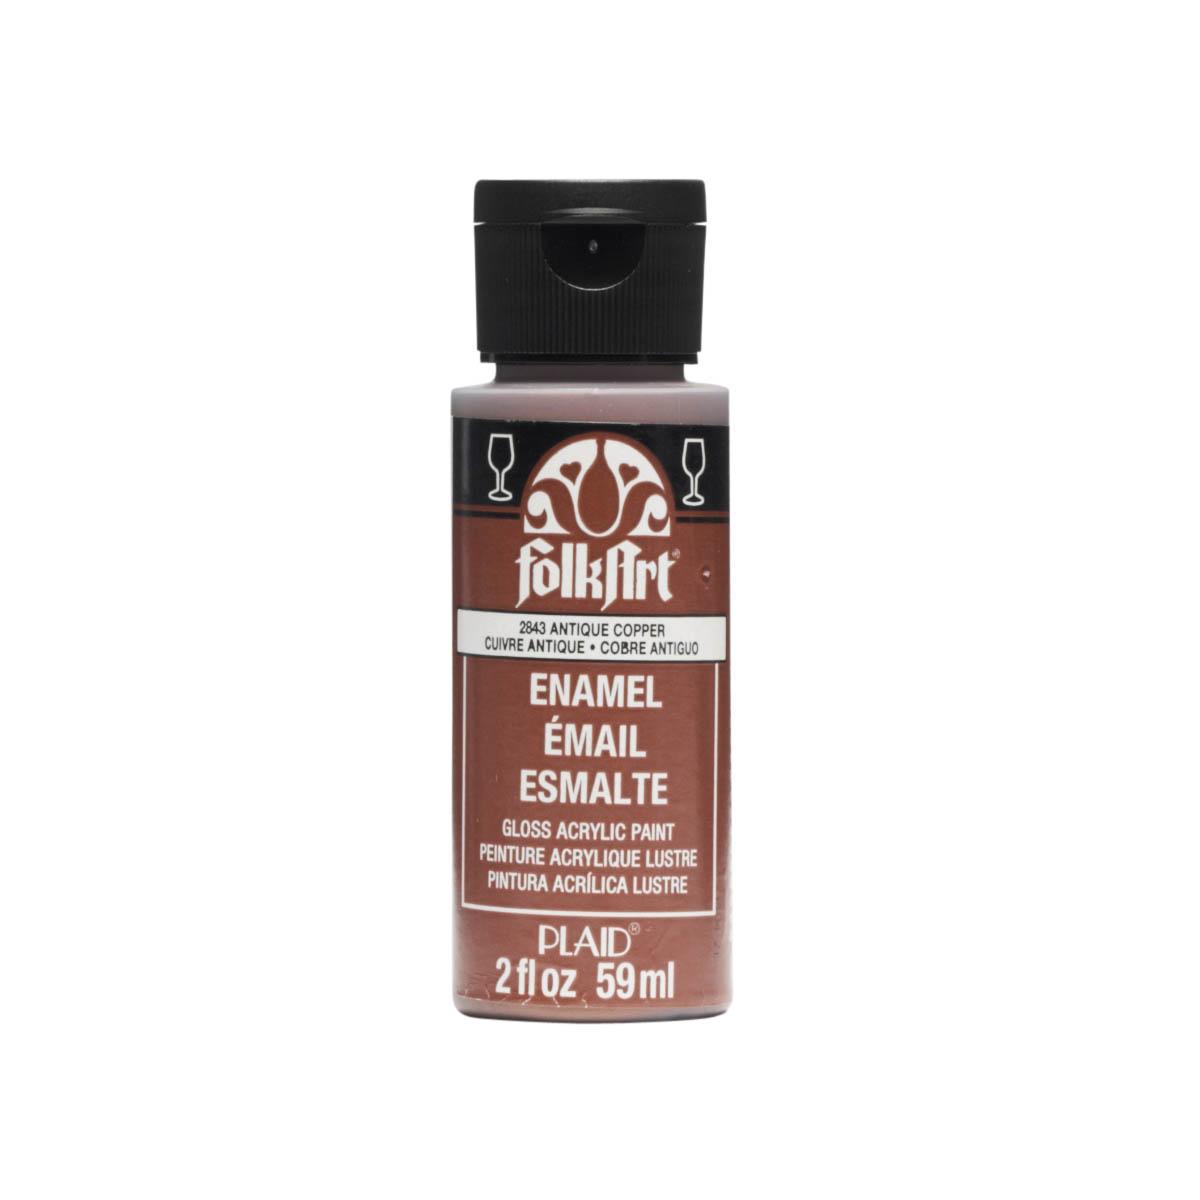 FolkArt ® Enamels™ - Metallic Antique Copper, 2 oz. - 2843